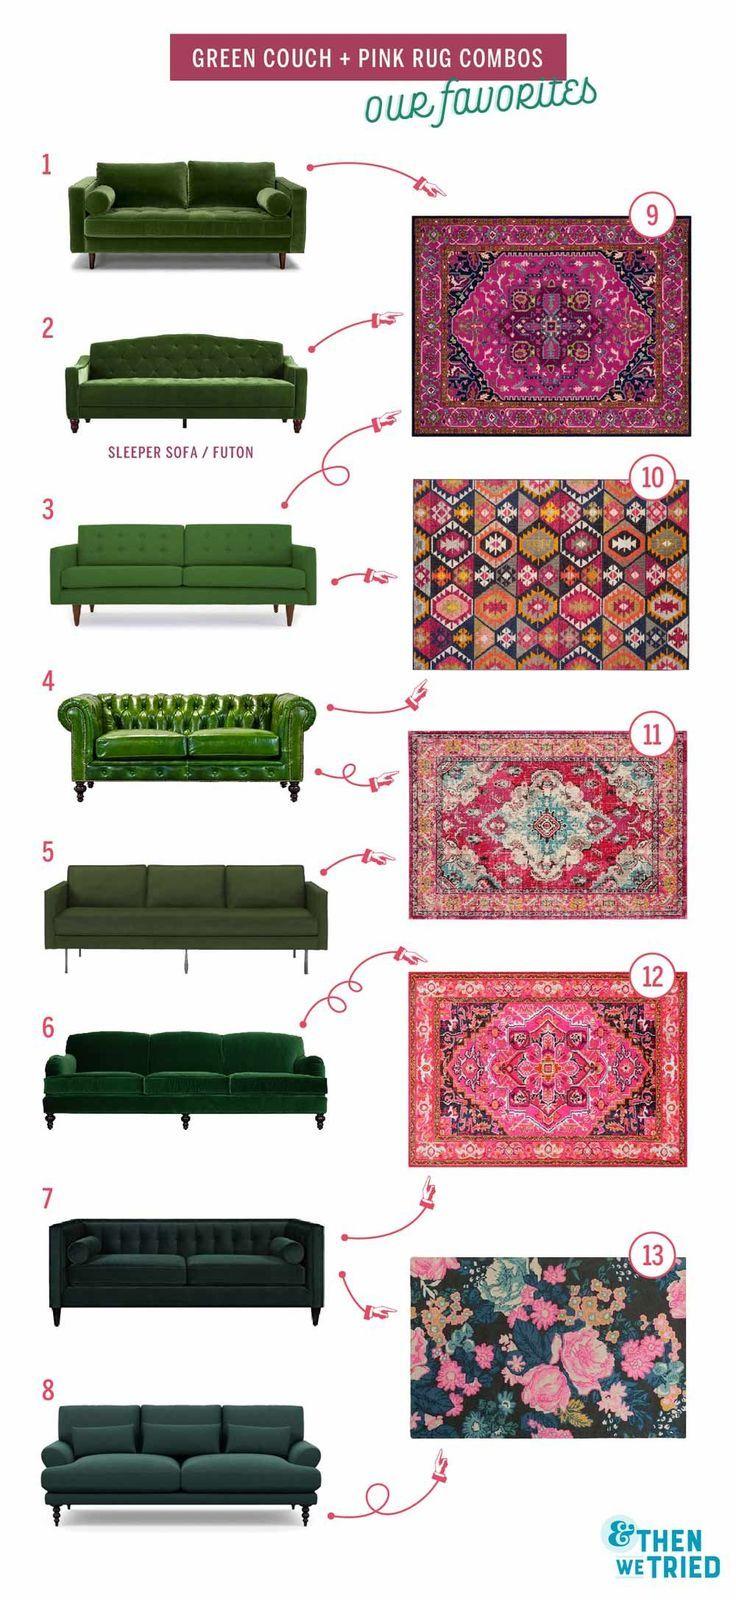 Perfekte grüne Couch und rosa Teppich Paarungen für eine helle und bunte